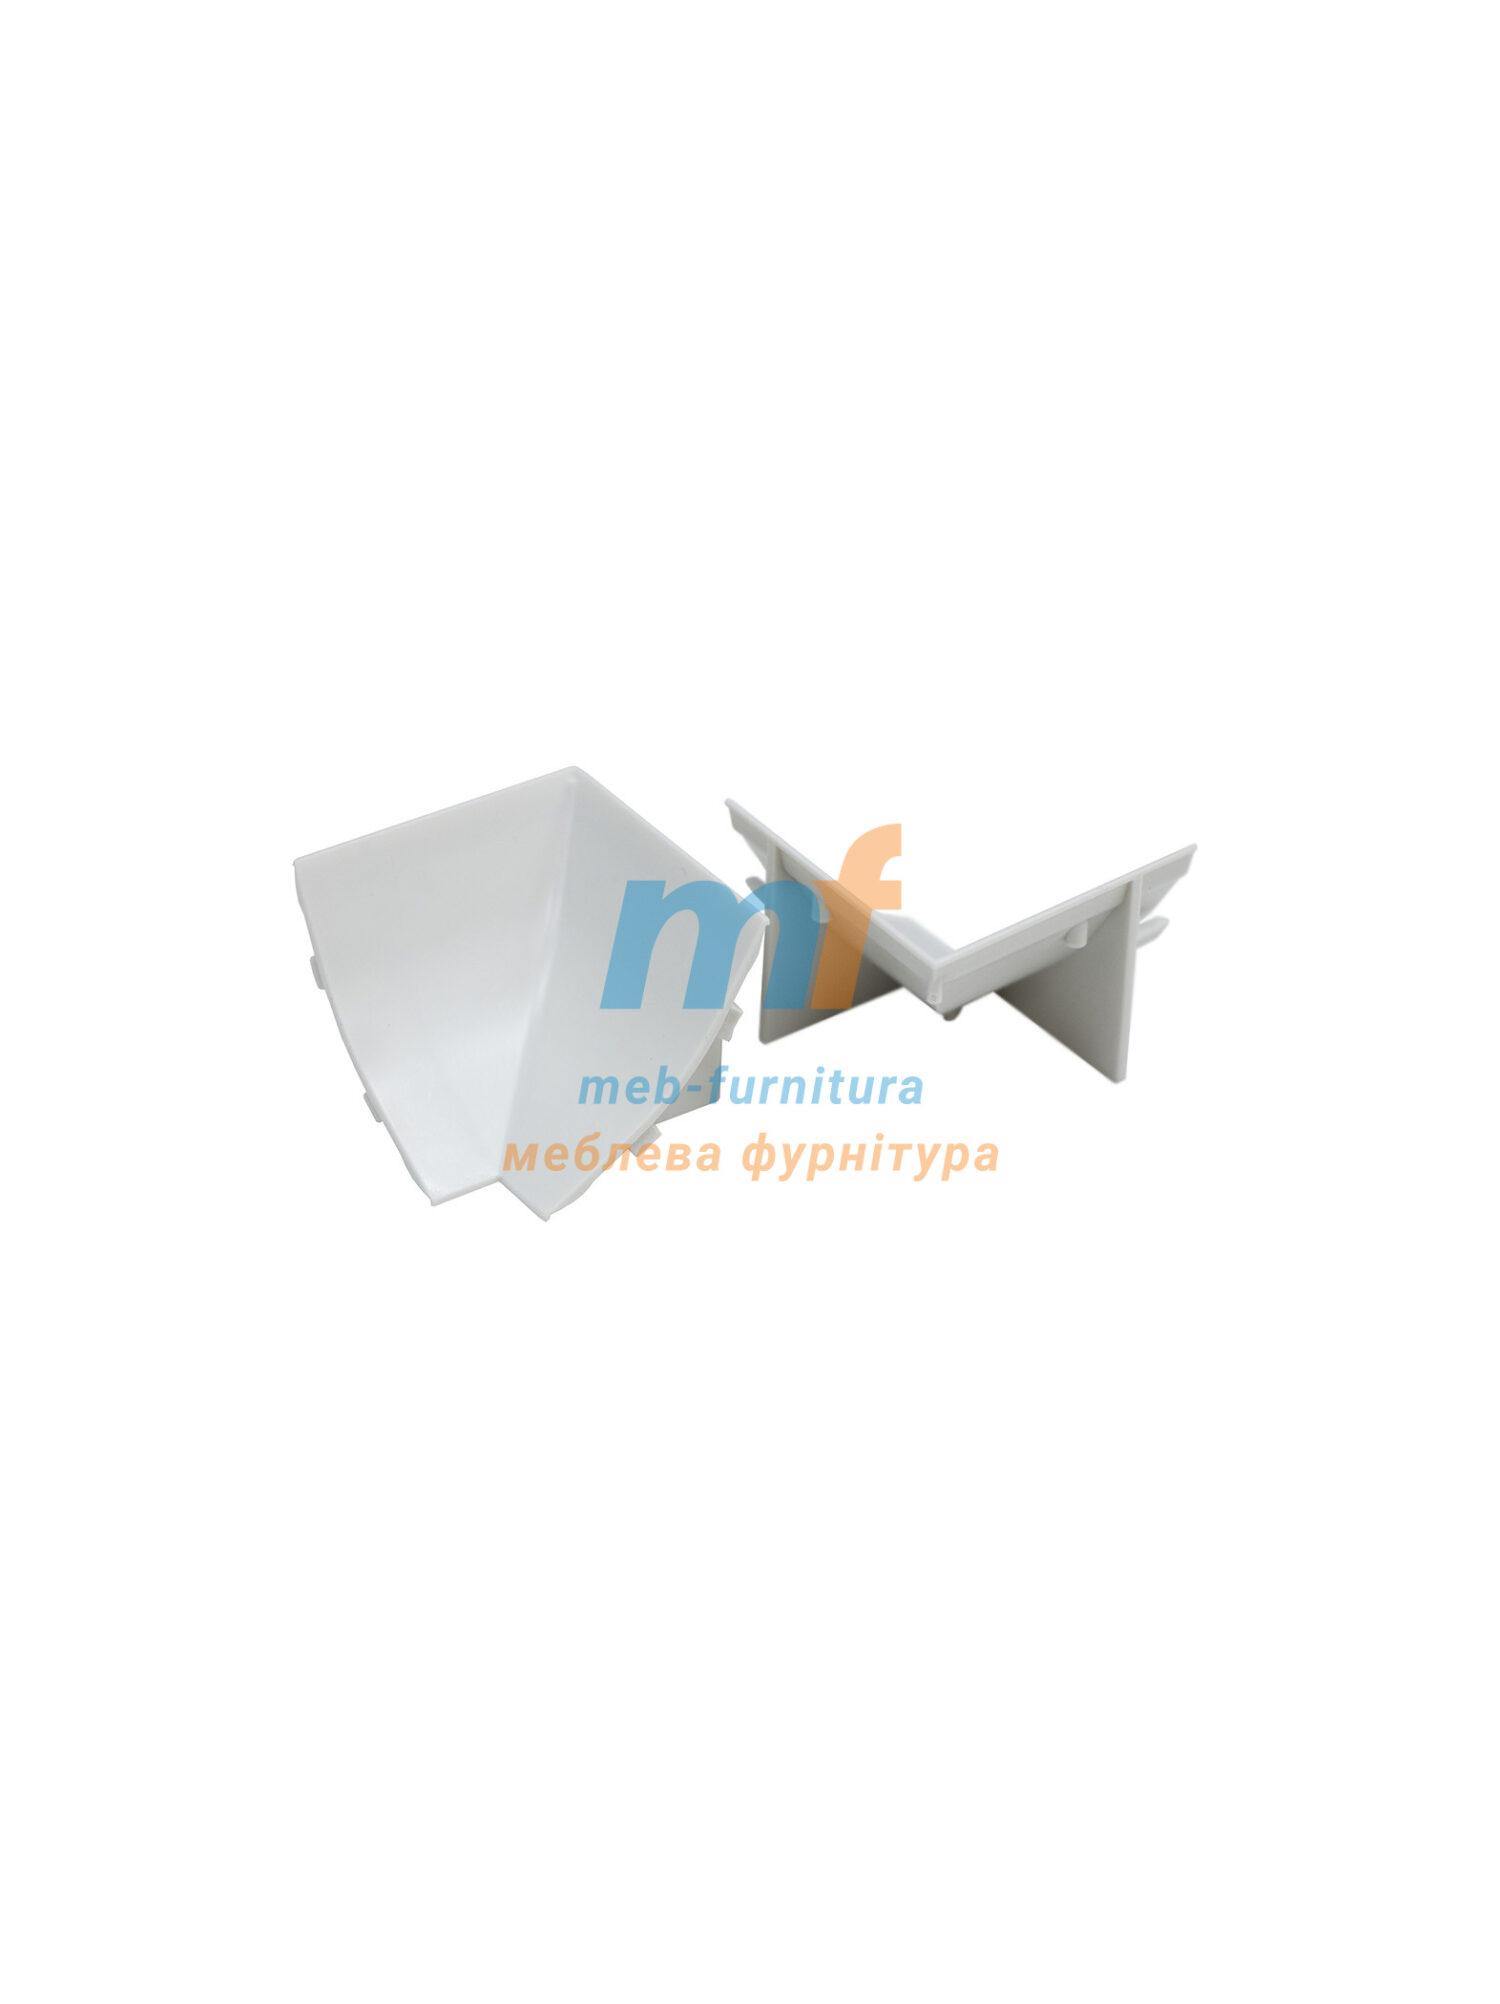 Угол внутренний для плинтуса Серый (1шт.)